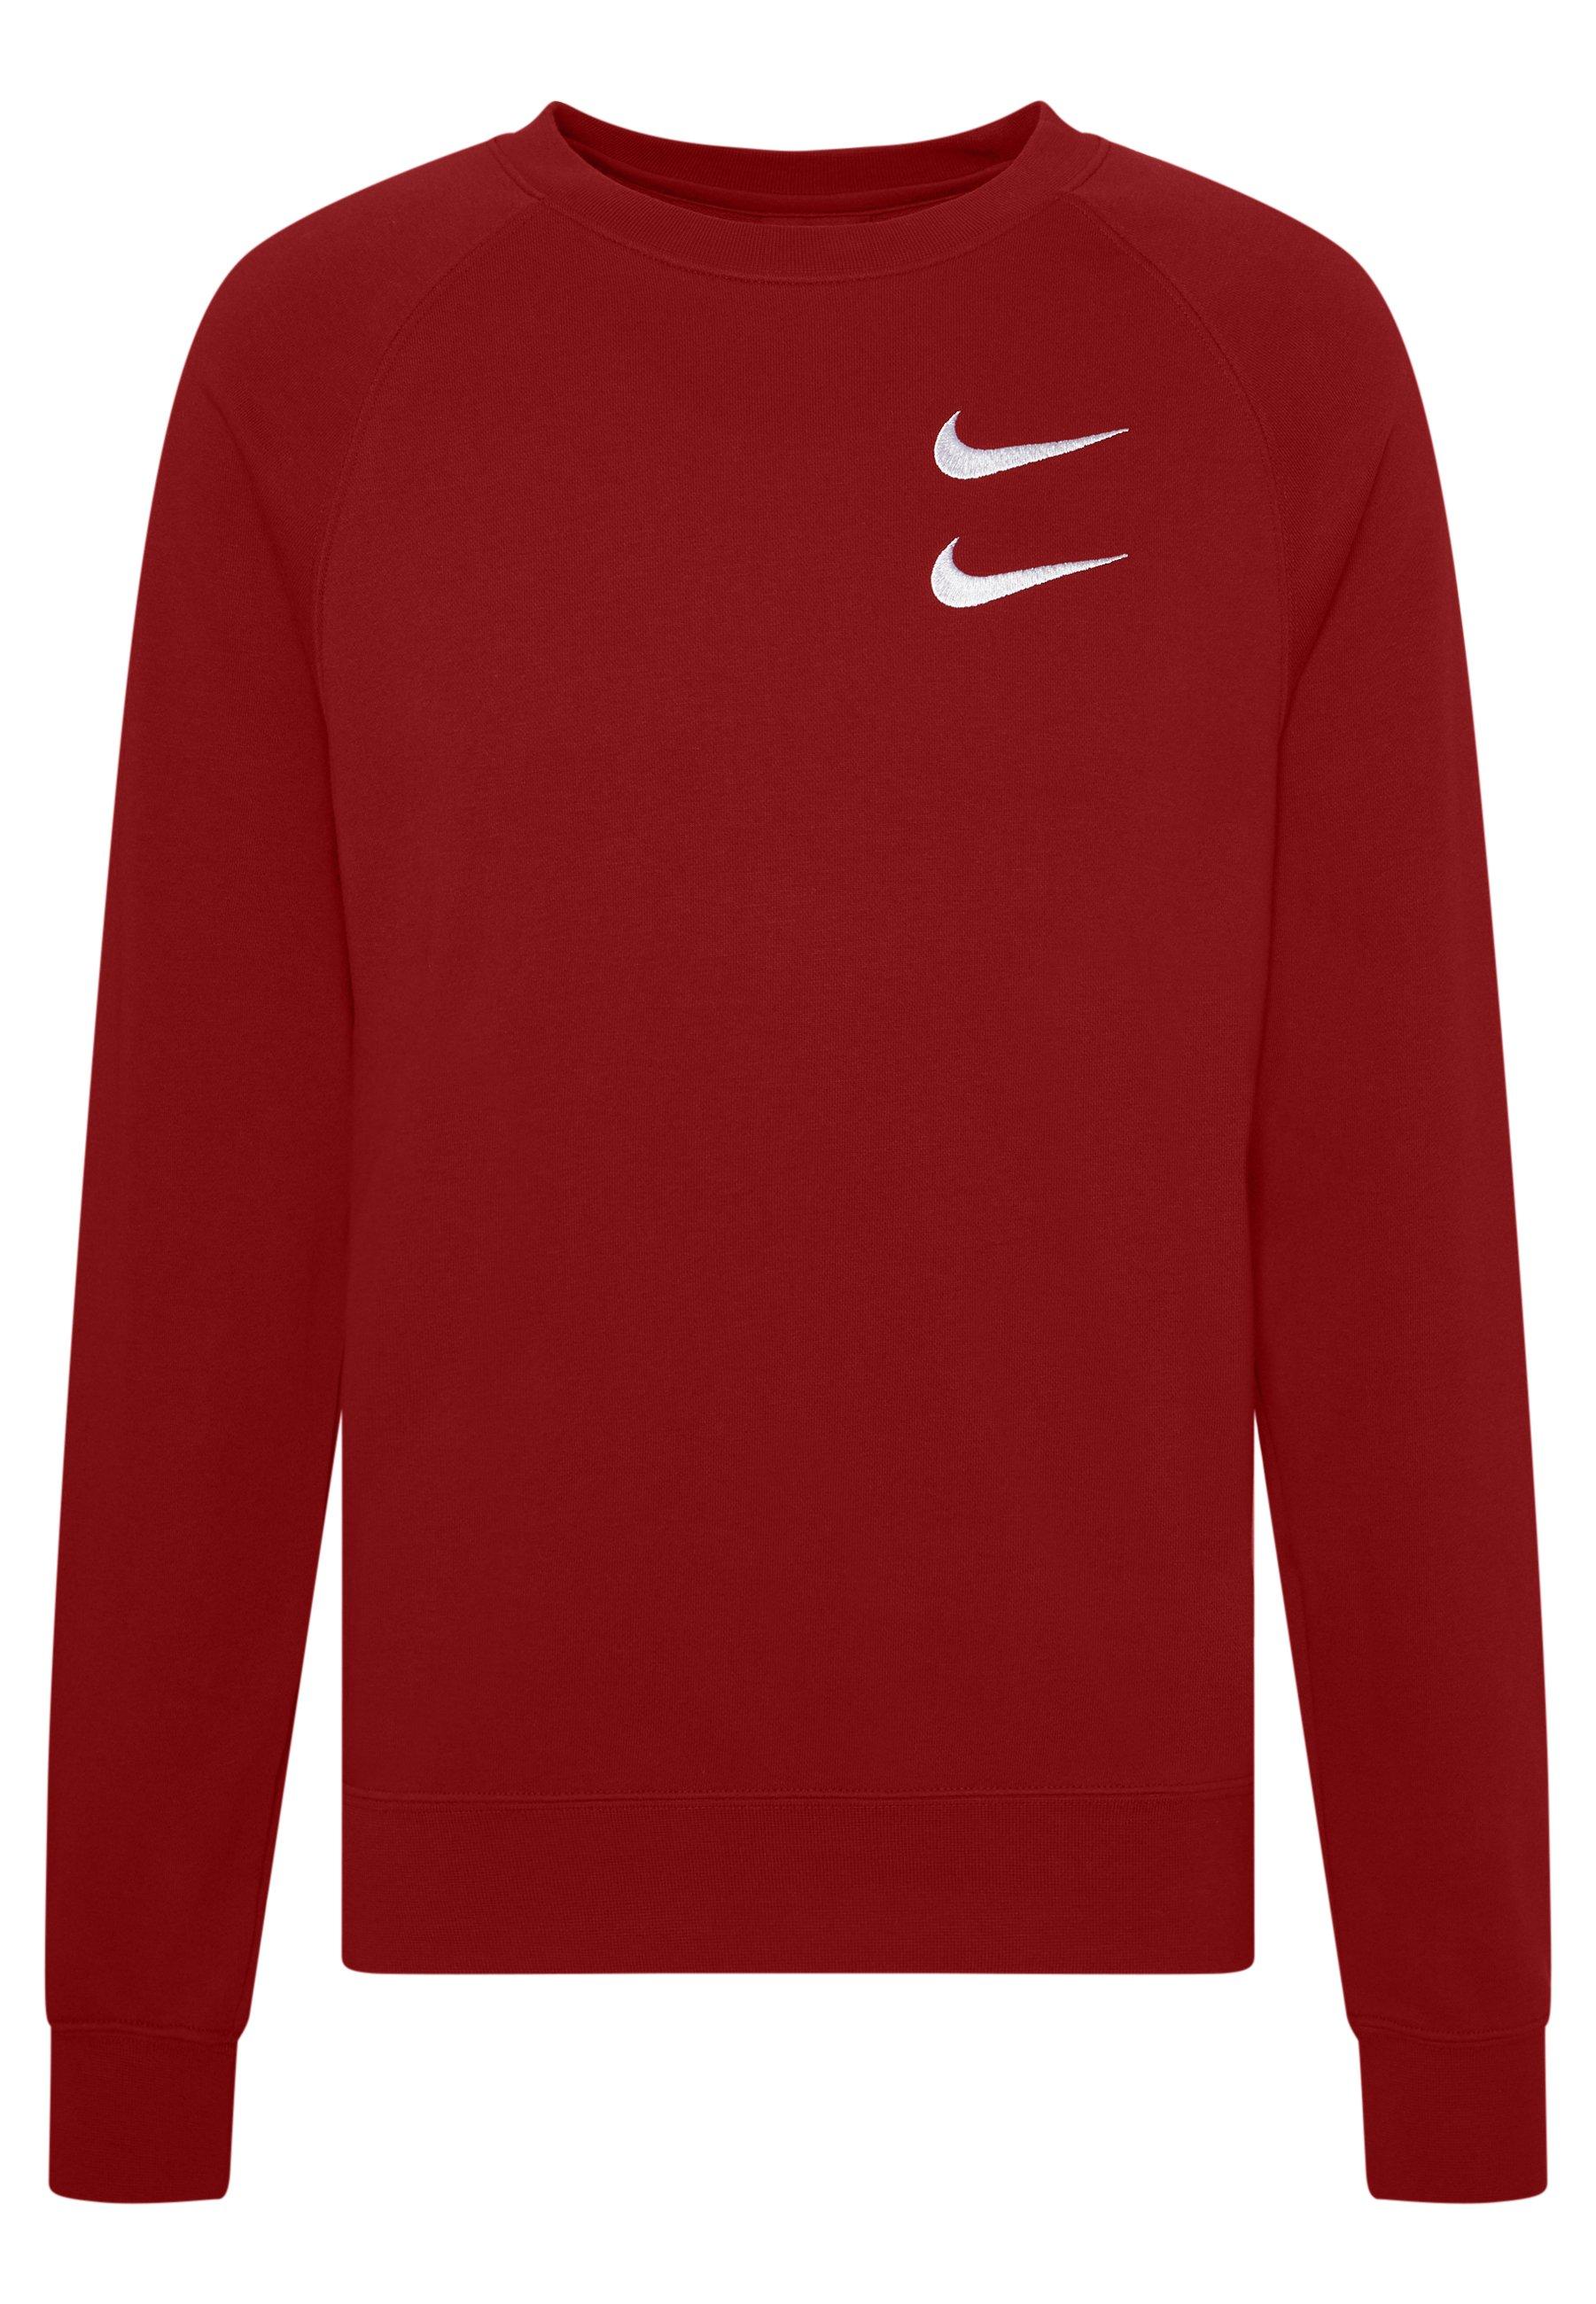 Nike Sportswear Sweatshirt - team red